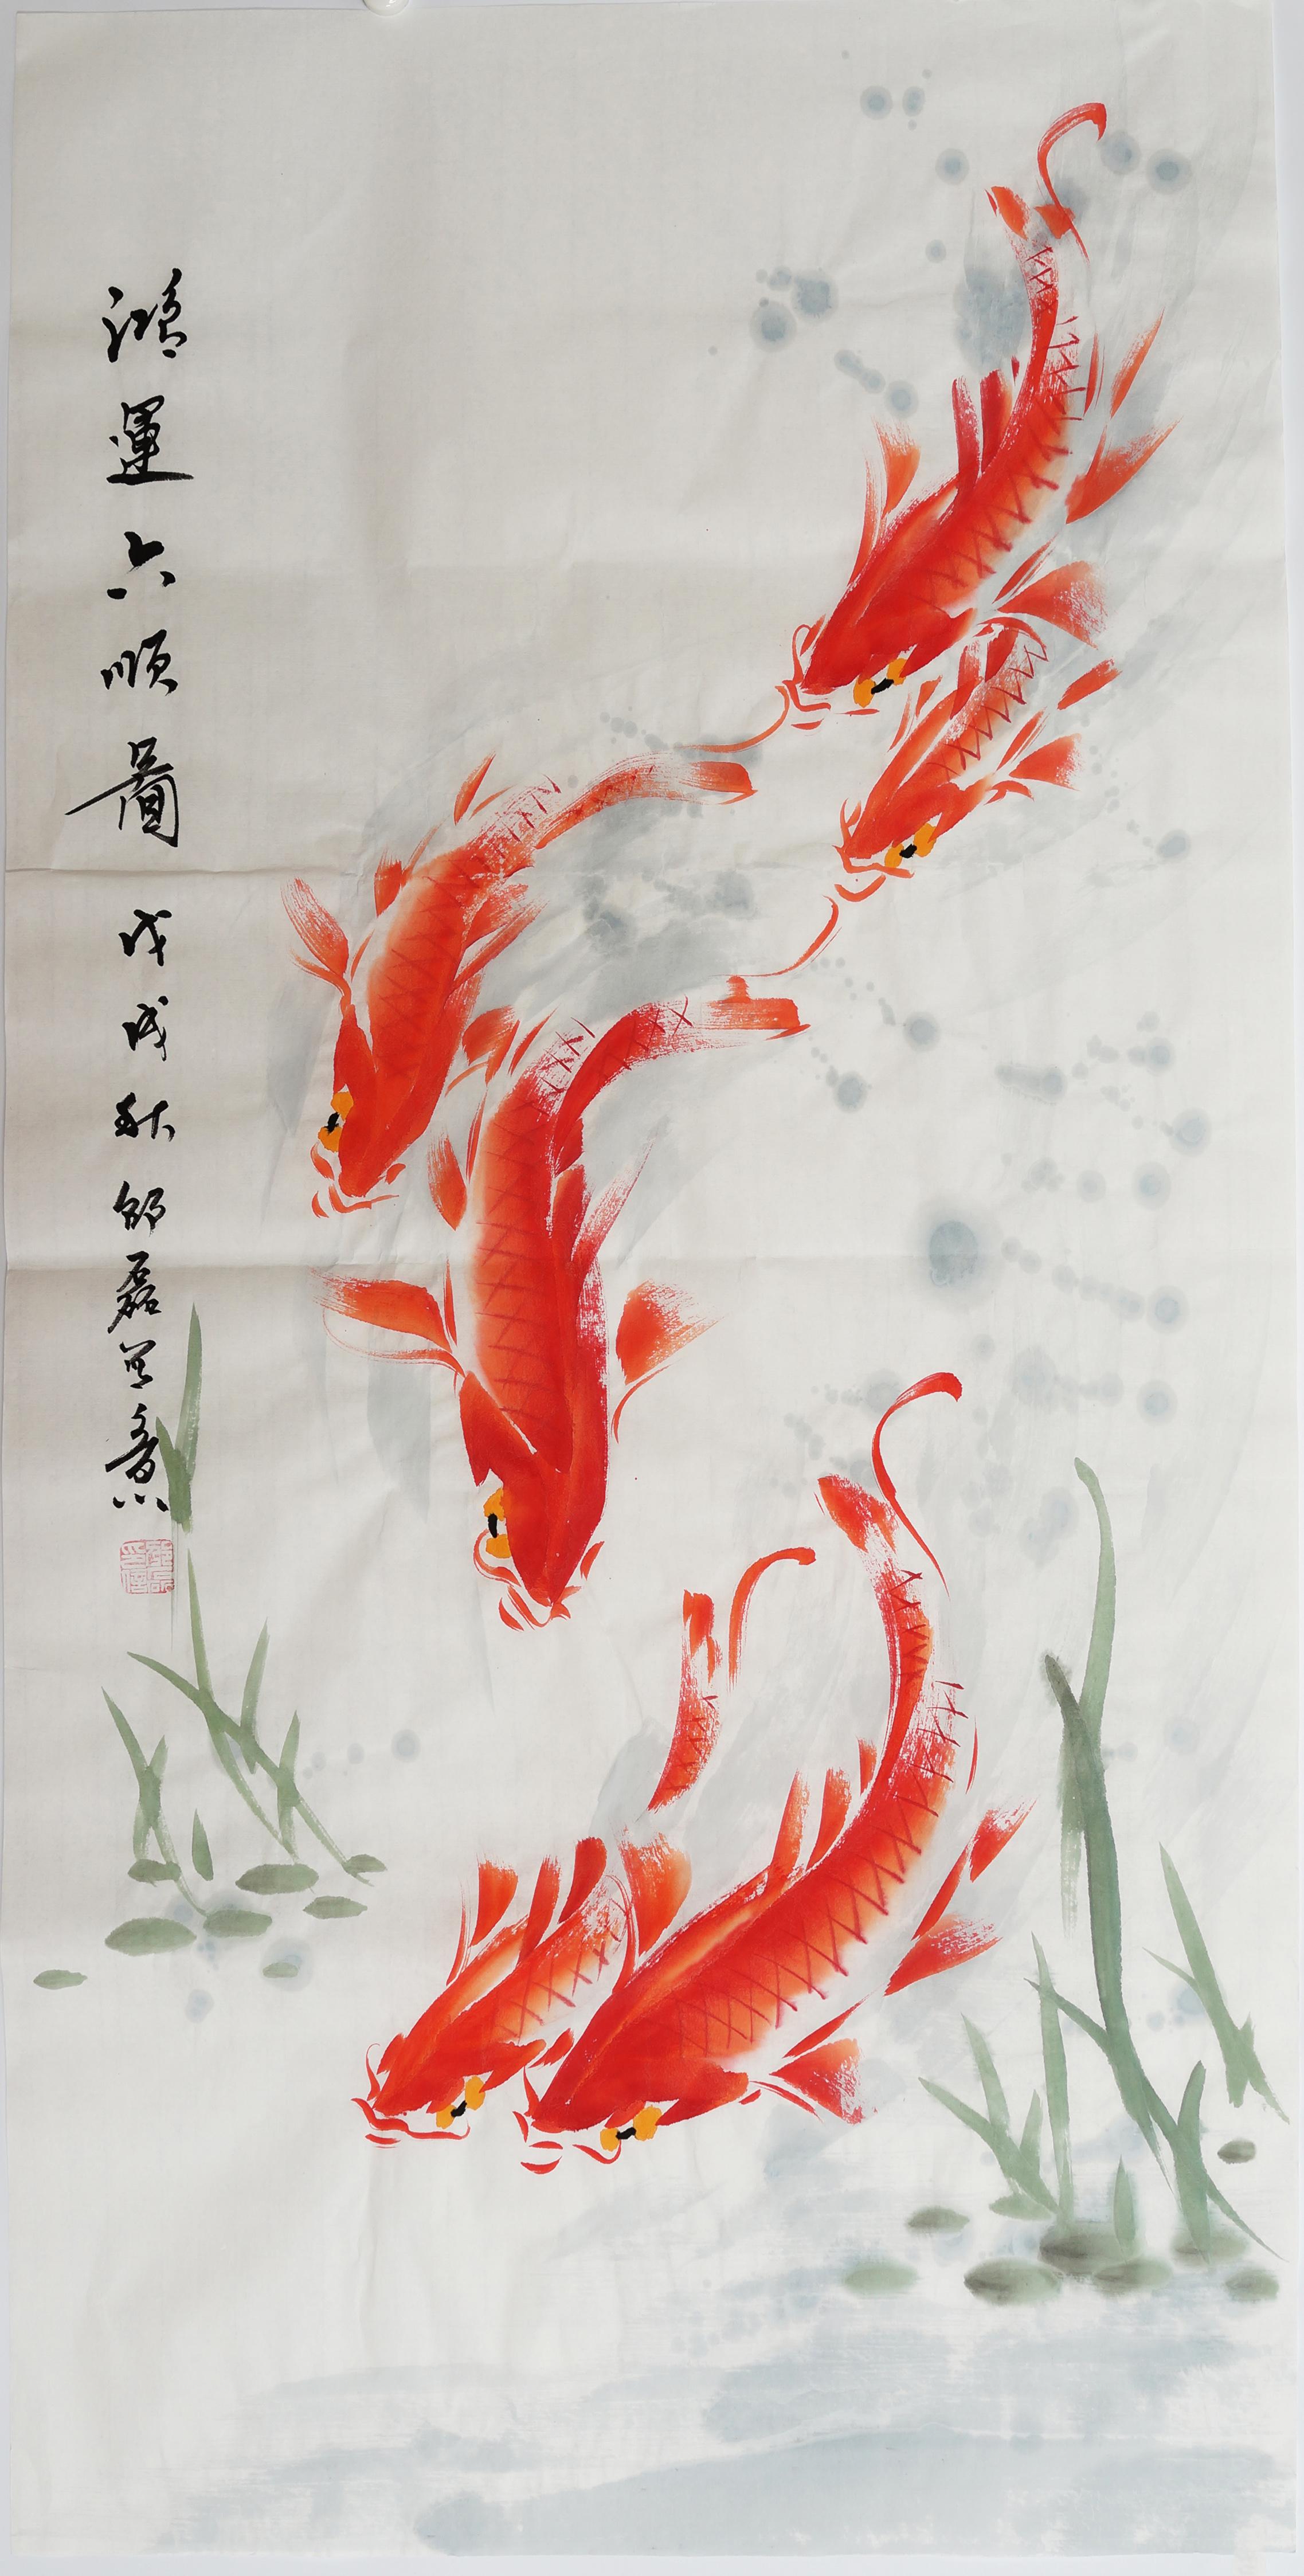 三尺国画鲤鱼图 鸿运当头六顺图 纯手绘花鸟写意画 邵磊0057